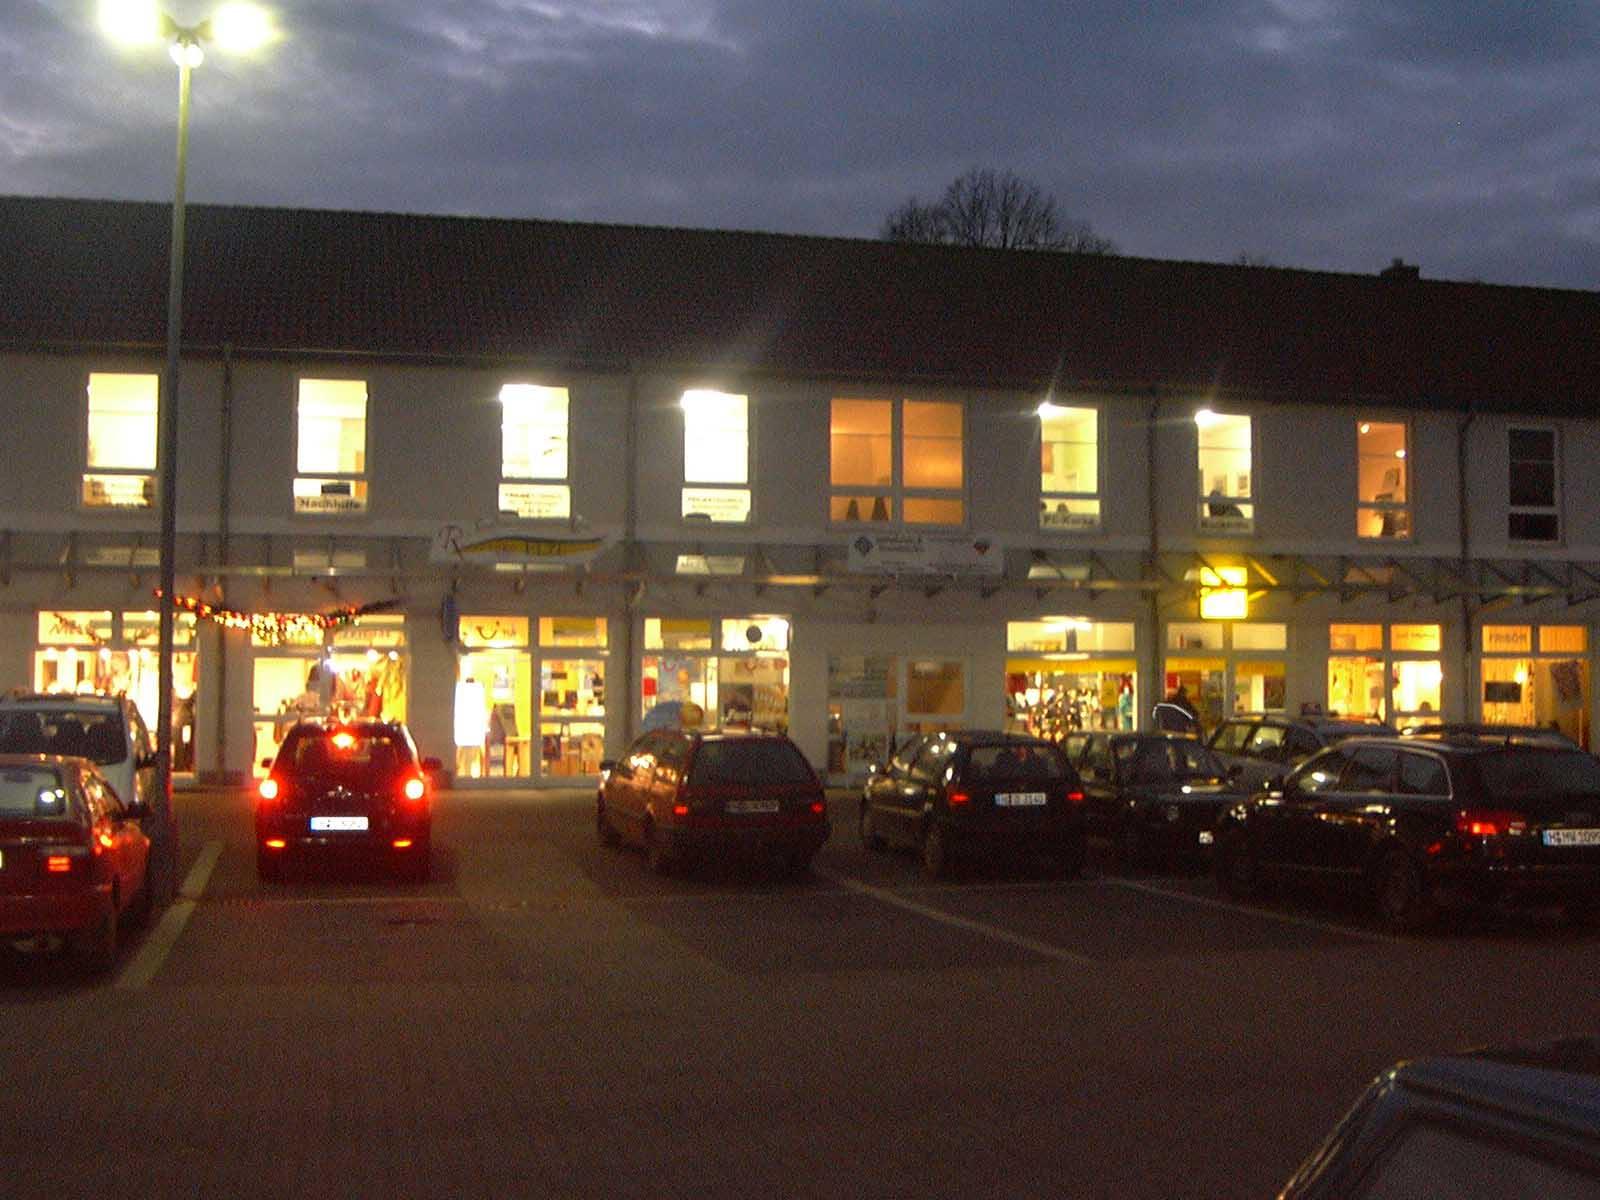 Projekt Lernhilfe Gebäude abends, in der Wedemark, Langenhagen, Kaltenweide und Schwarmstedt